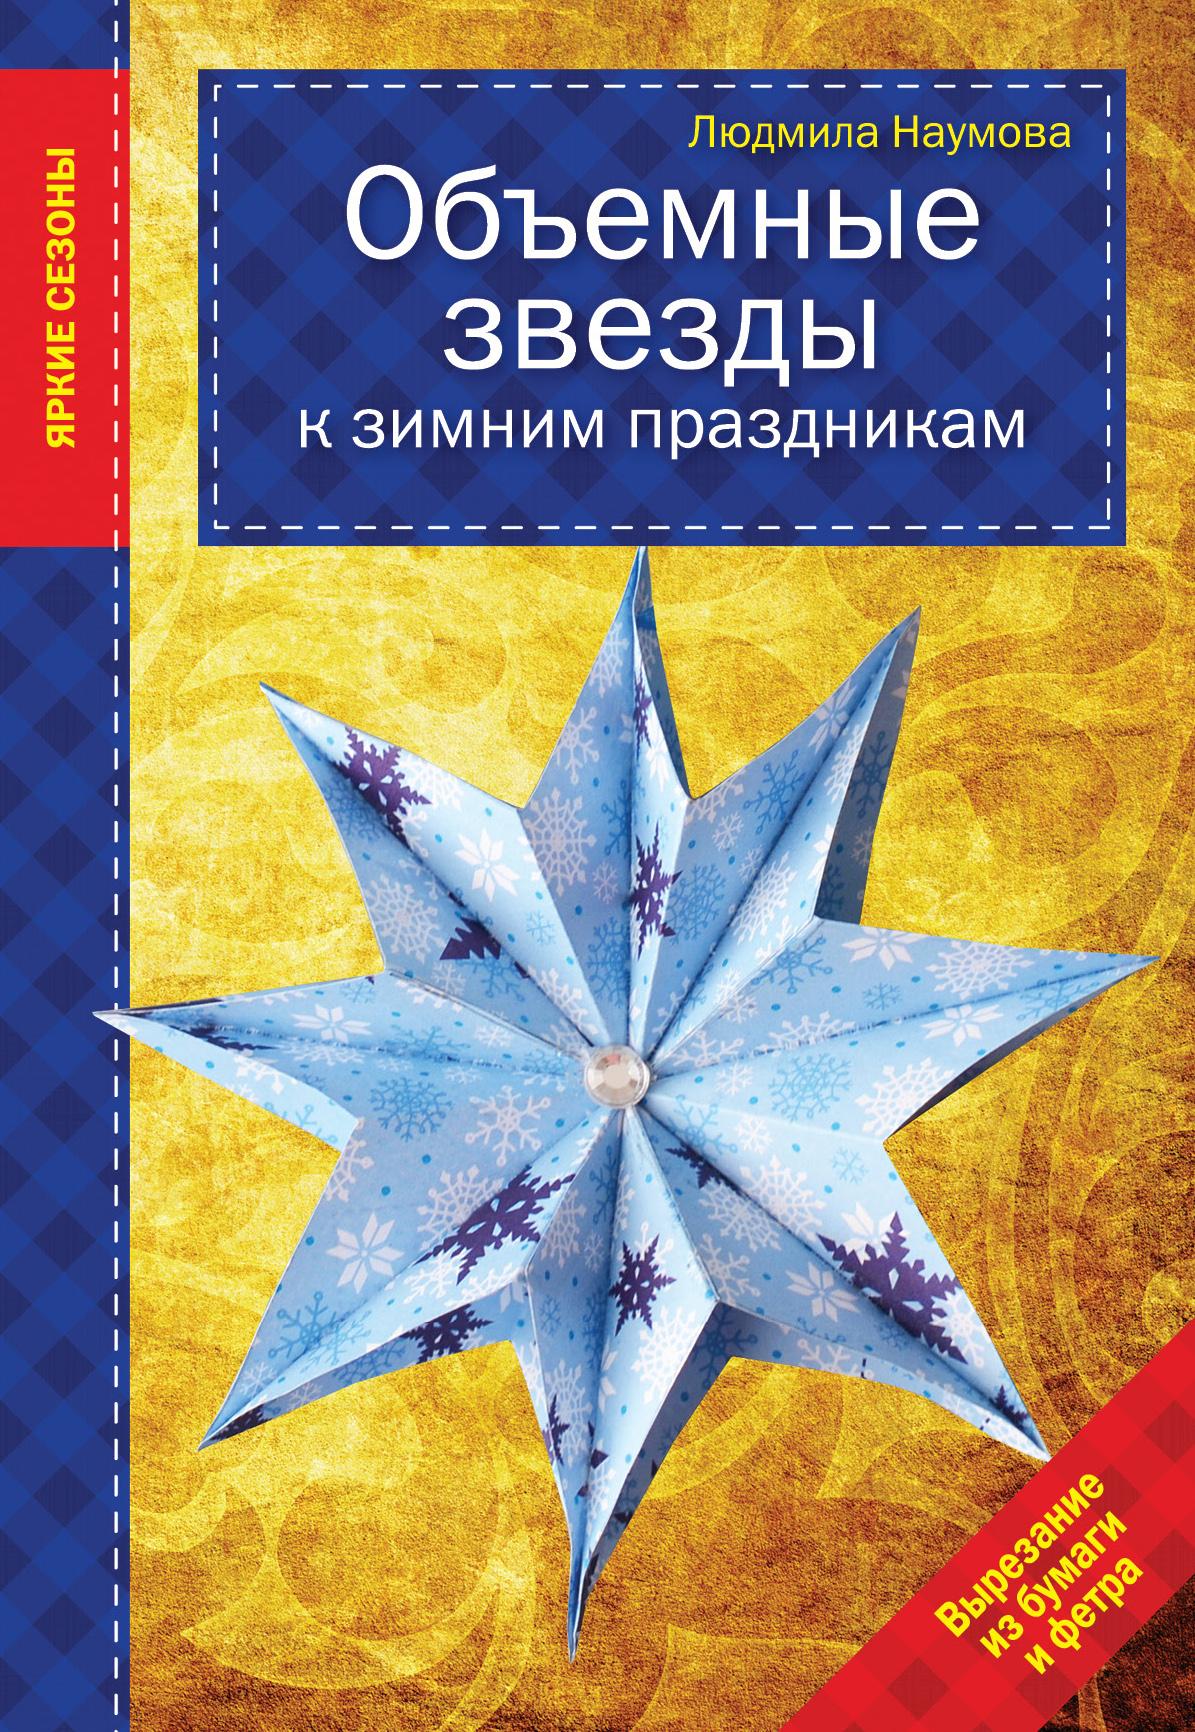 Объемные звезды к зимним праздникам ( Наумова Л.  )